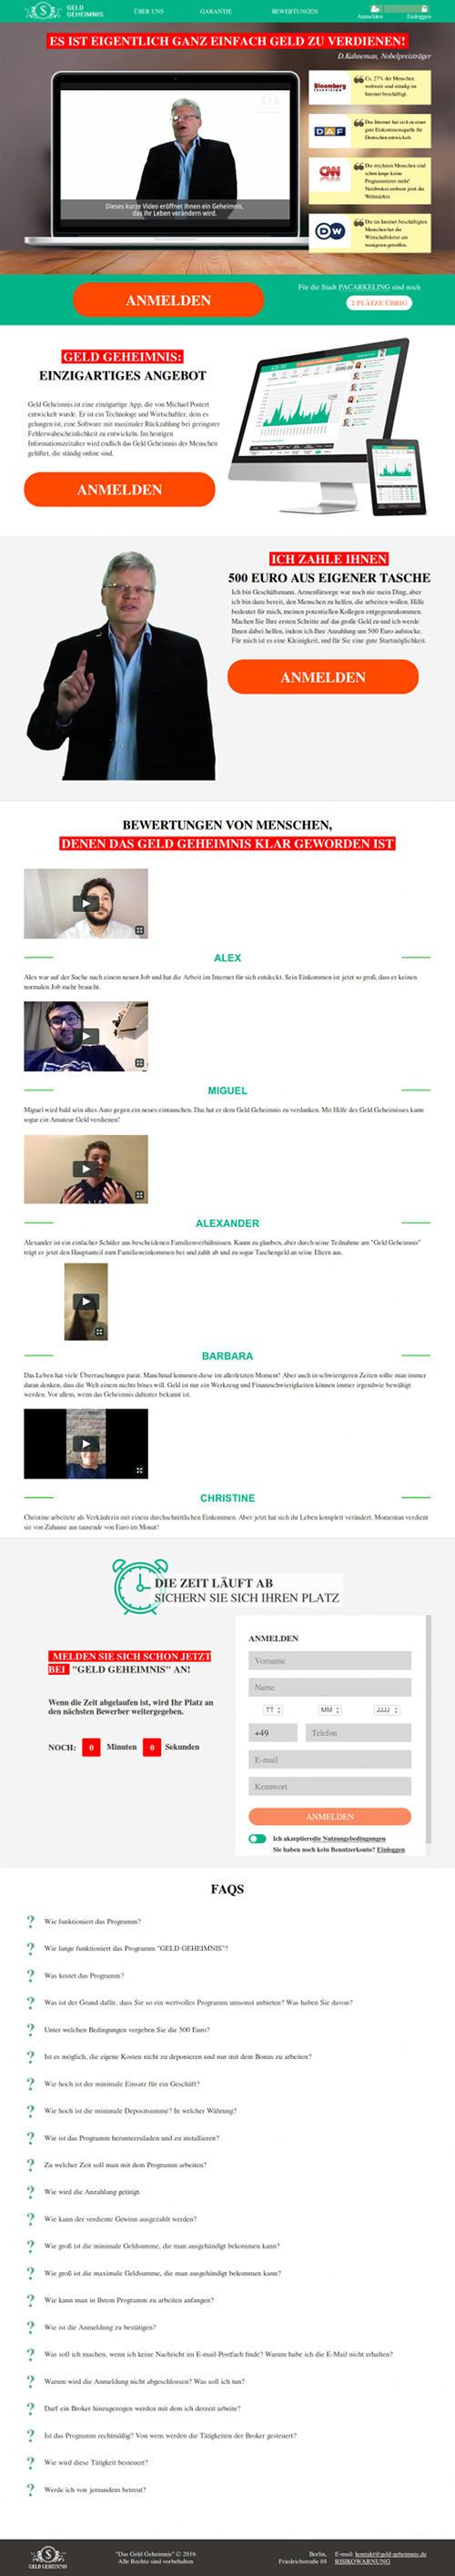 Screenshot der durch Spam beworbenen Website für eine Reichwerdmethode